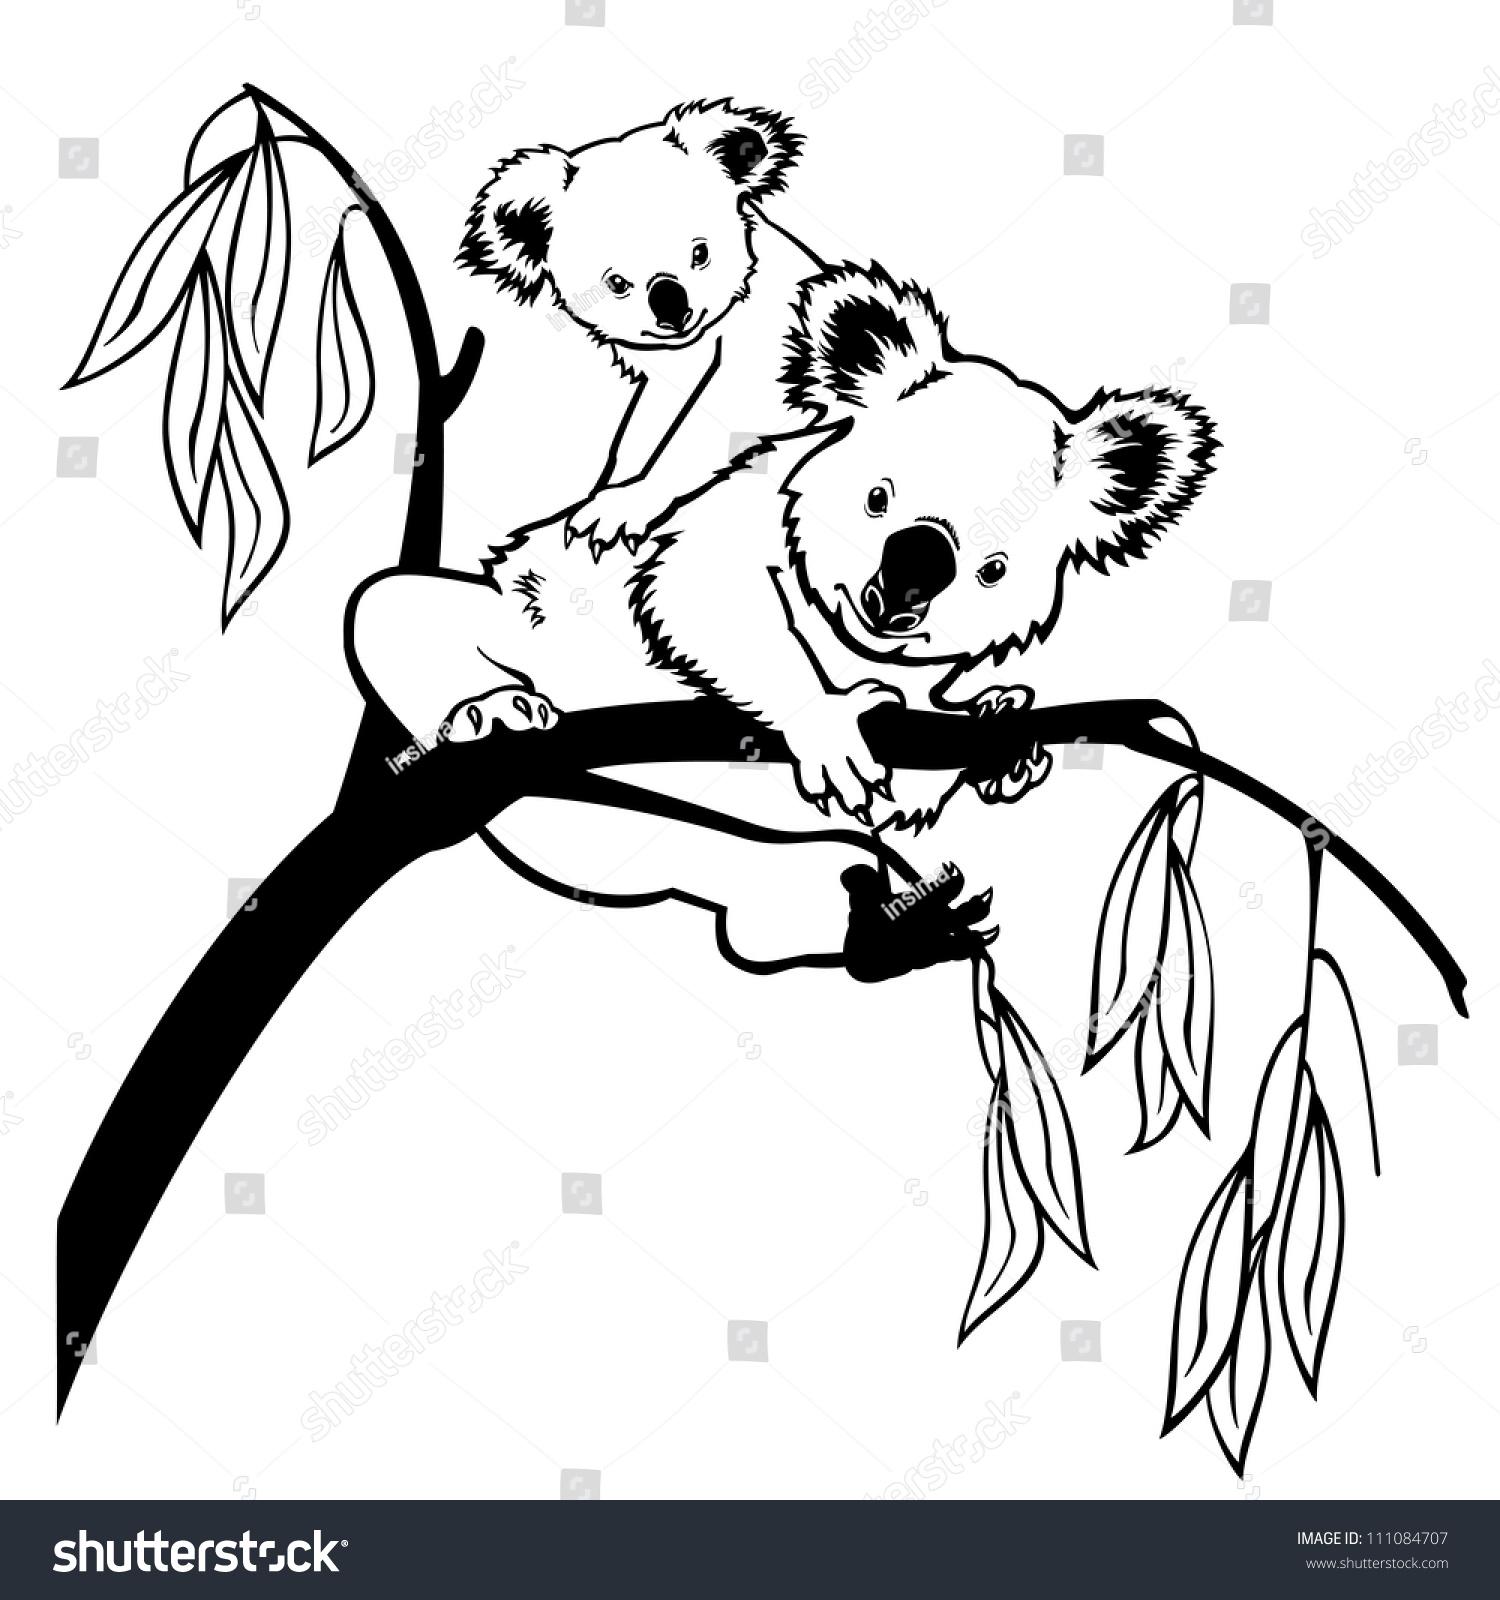 考拉简笔画图片大全-树袋熊图片简笔画-长颈鹿简笔画